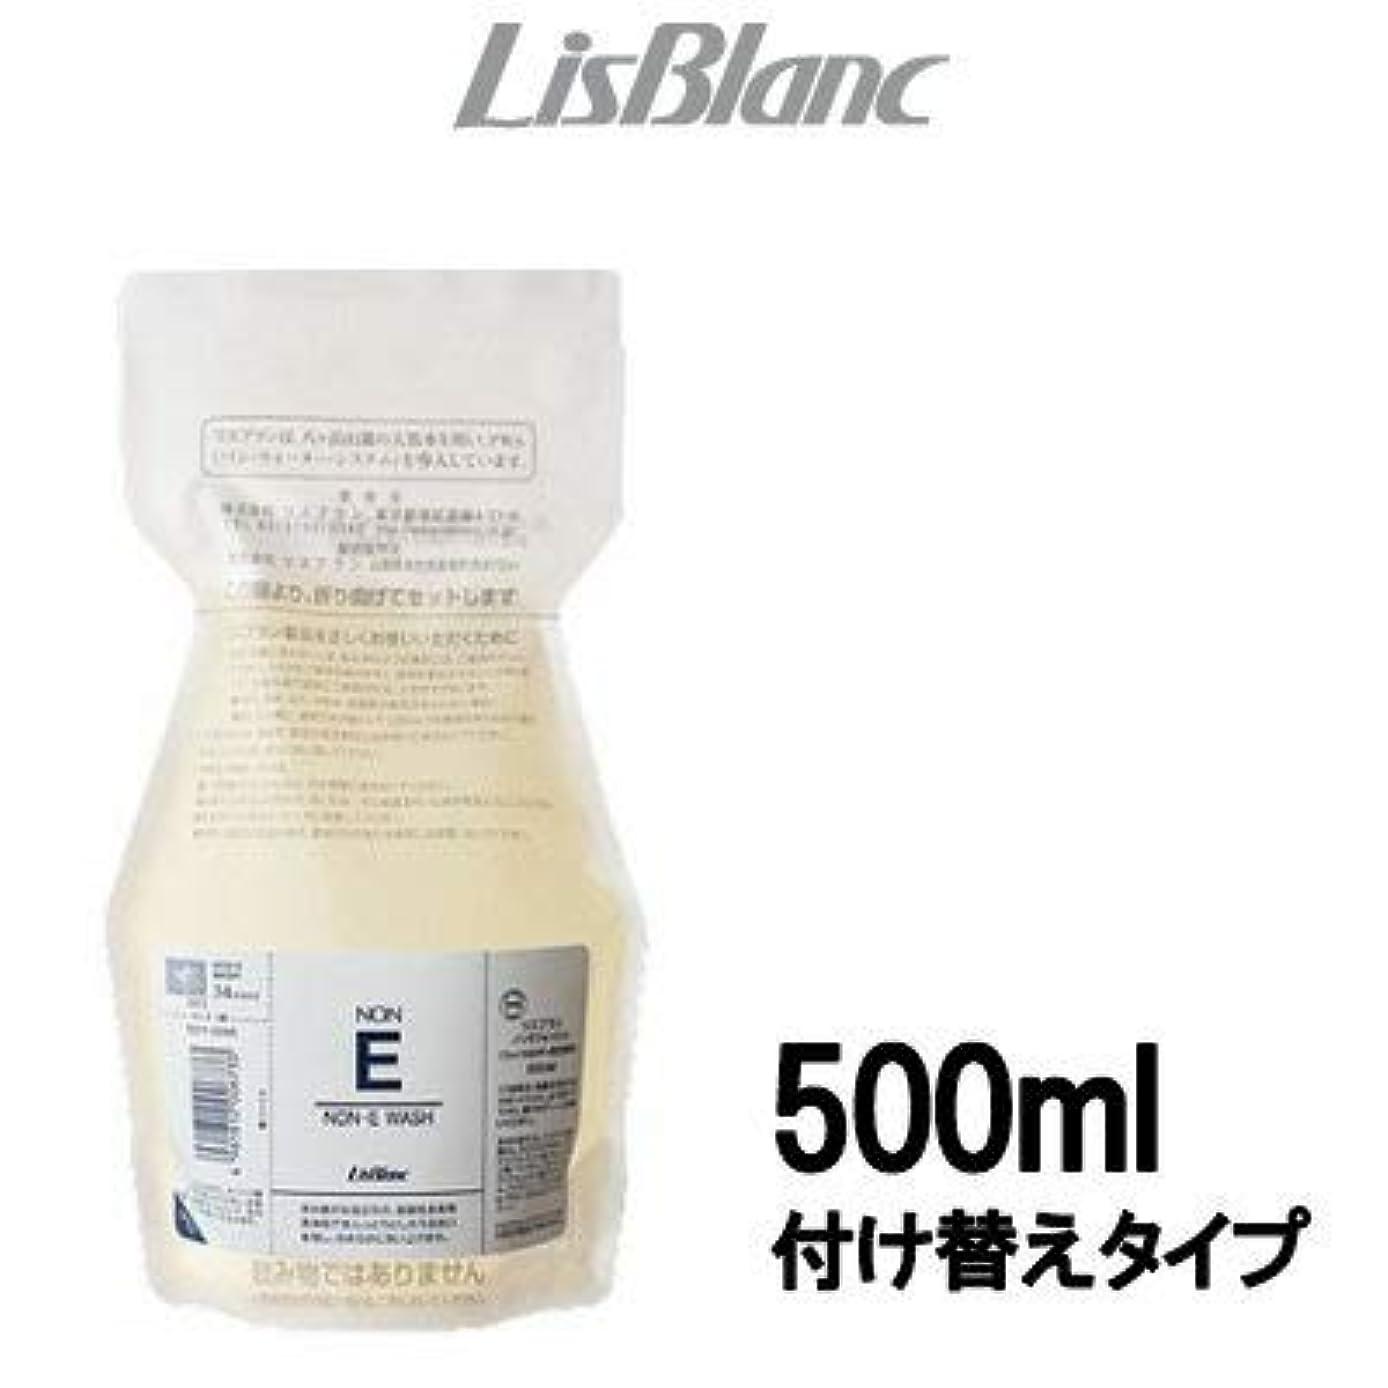 モッキンバード分離表向きリスブラン ノンEウォッシュ 500ml フェイス&ボディ用洗浄料